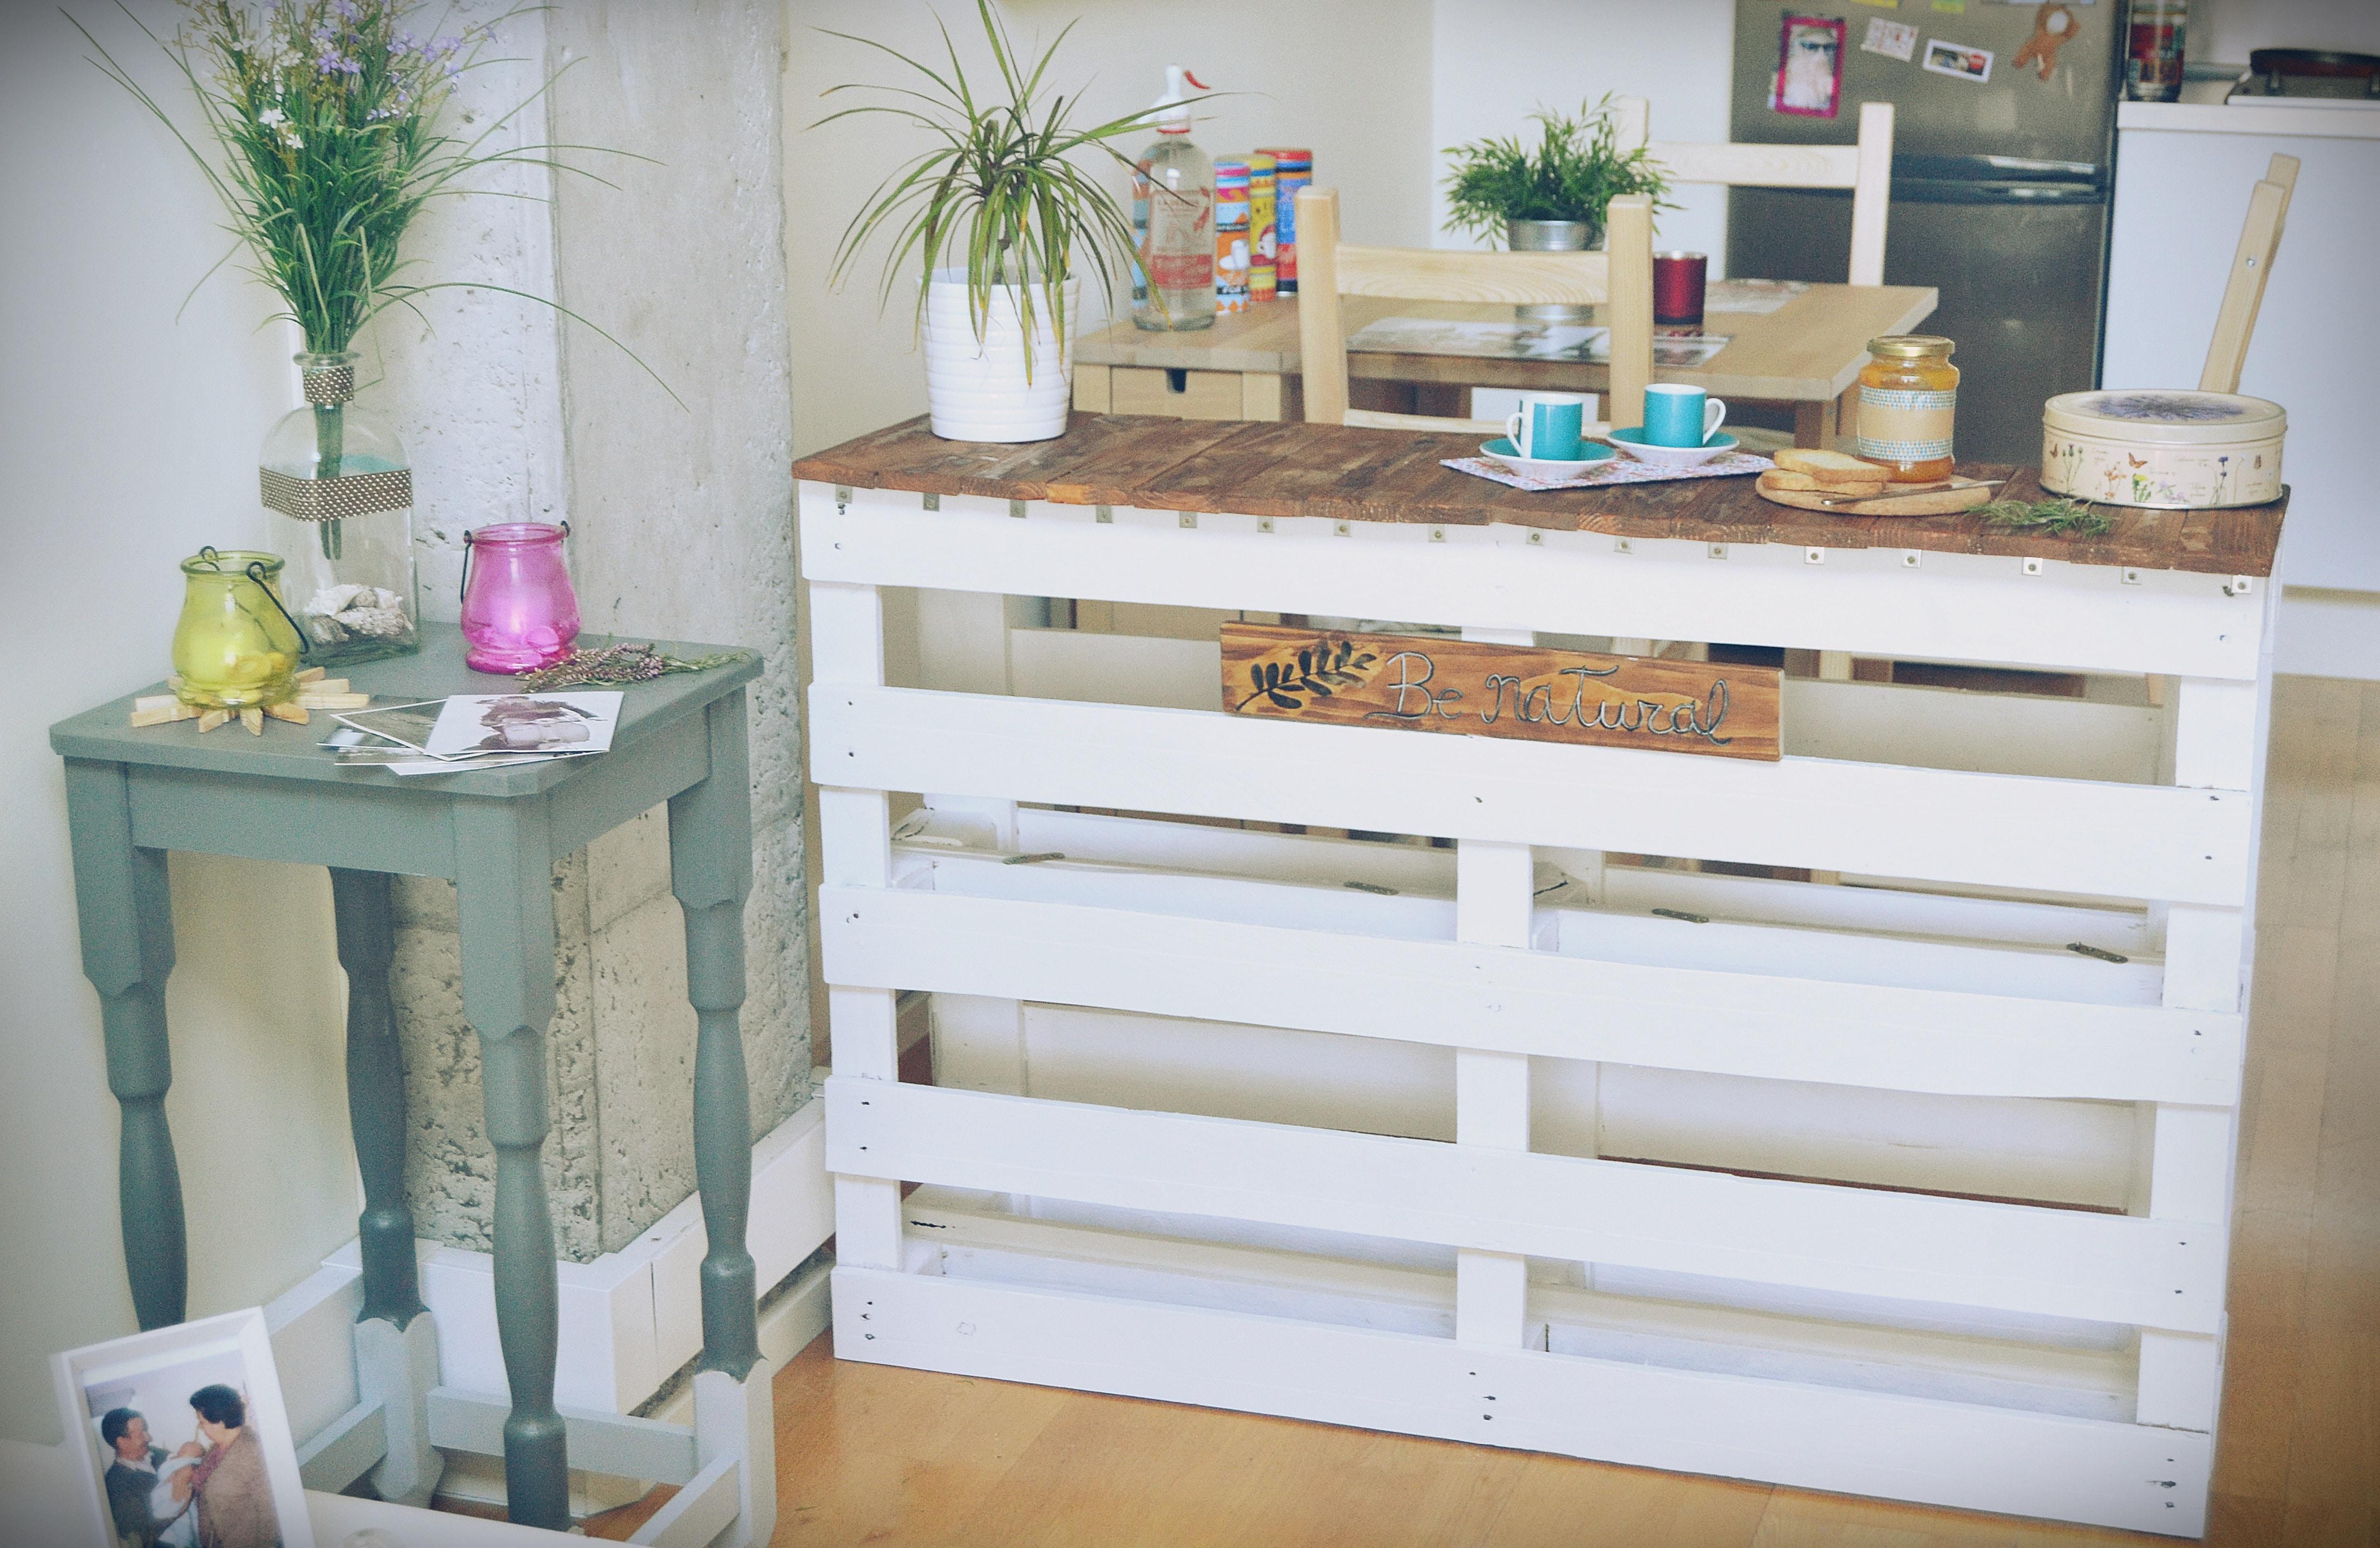 100 dise os de muebles con palets para interior y exterior for Muebles con tarimas para cocina